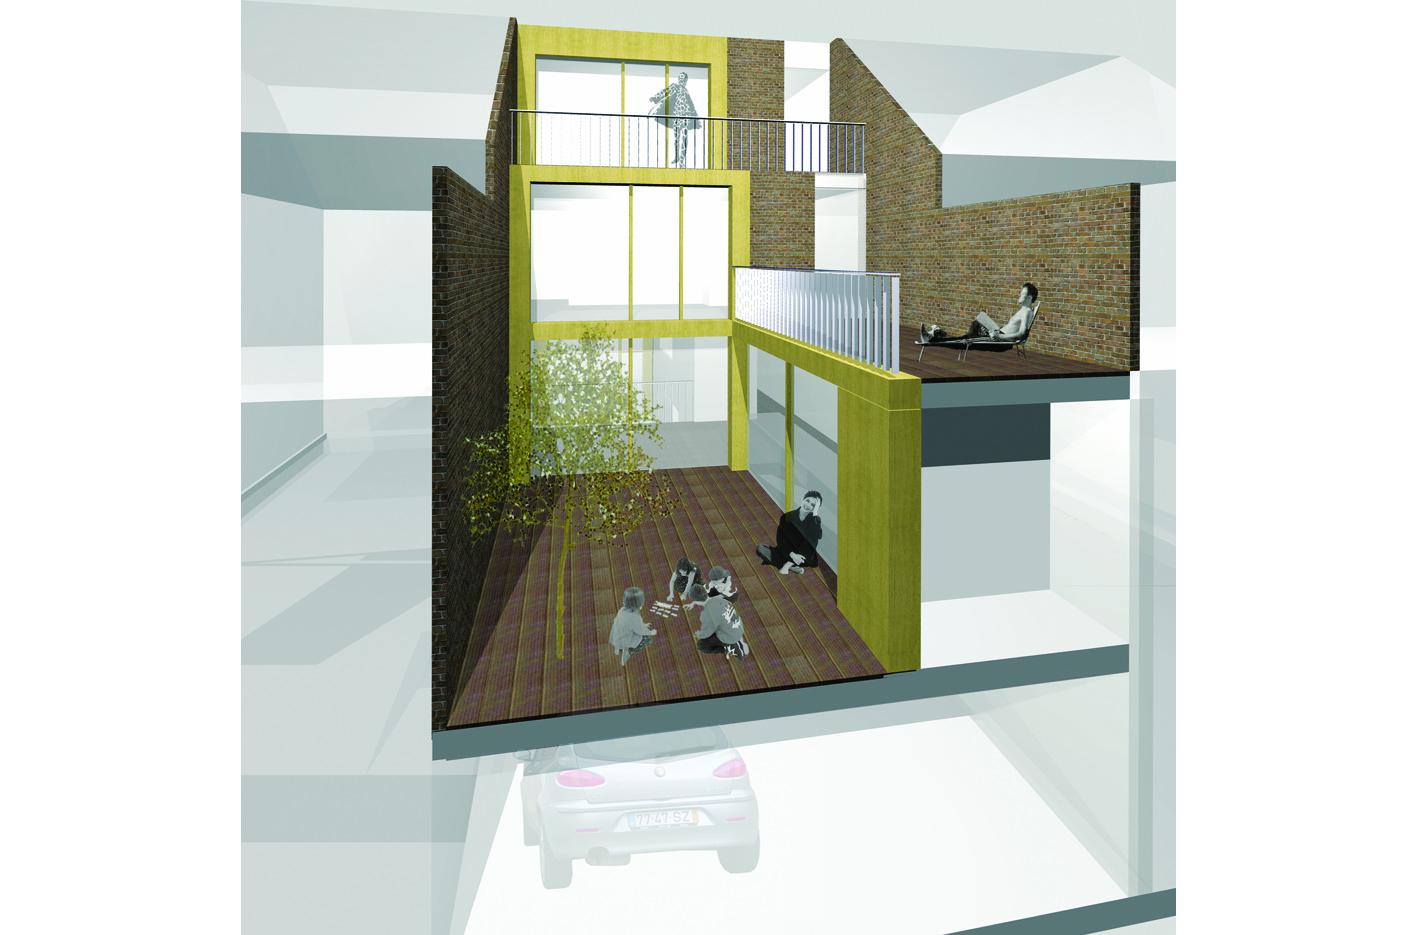 patio3 atelier PUUUR Leiden nieuw leyden particulier opdrachtgeverschap PO zelfbouw halfverdiept parkeren